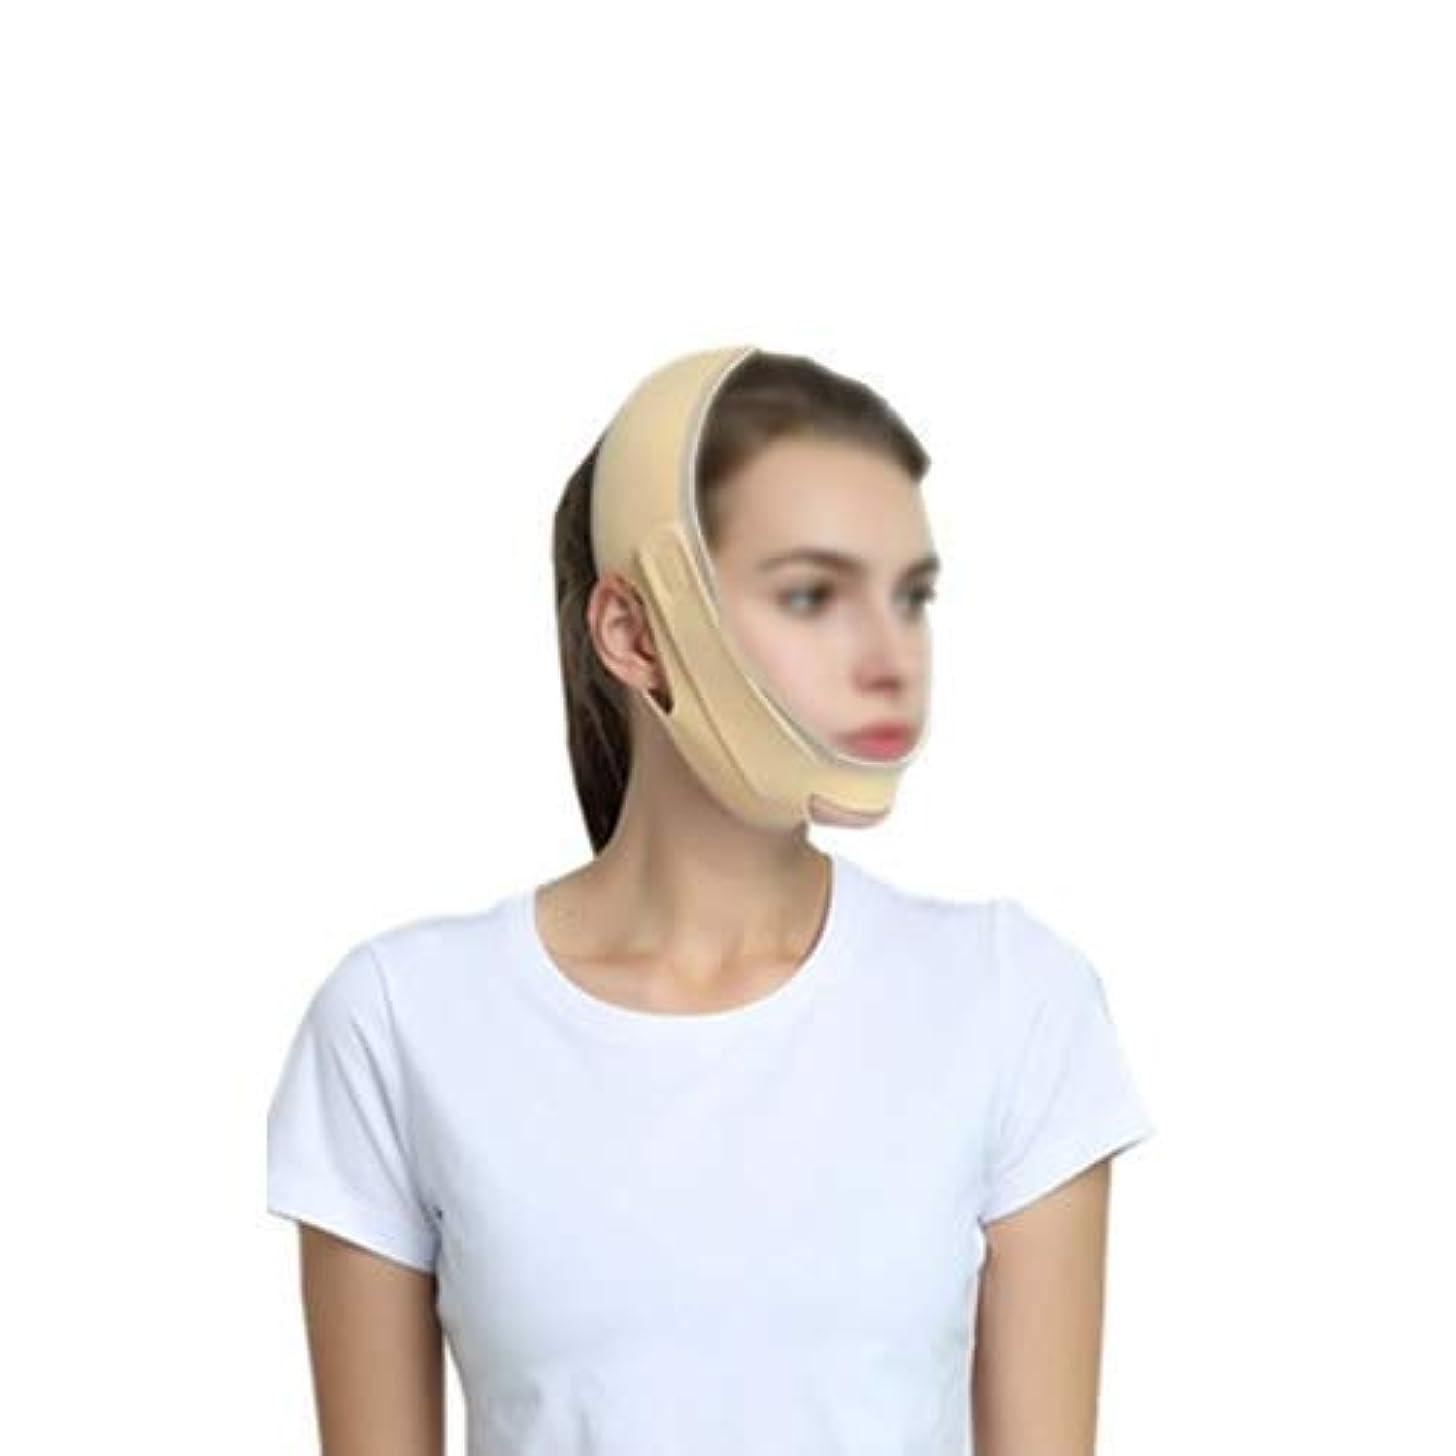 経過キュービックわかるフェイスリフトマスクフェイスアンドネックリフトポストエラスティックスリーブ下顎骨セットフェイスアーティファクトVフェイスフェイシャルフェイスバンドルダブルチンマスクブラックフェイスアーティファク(色:A)